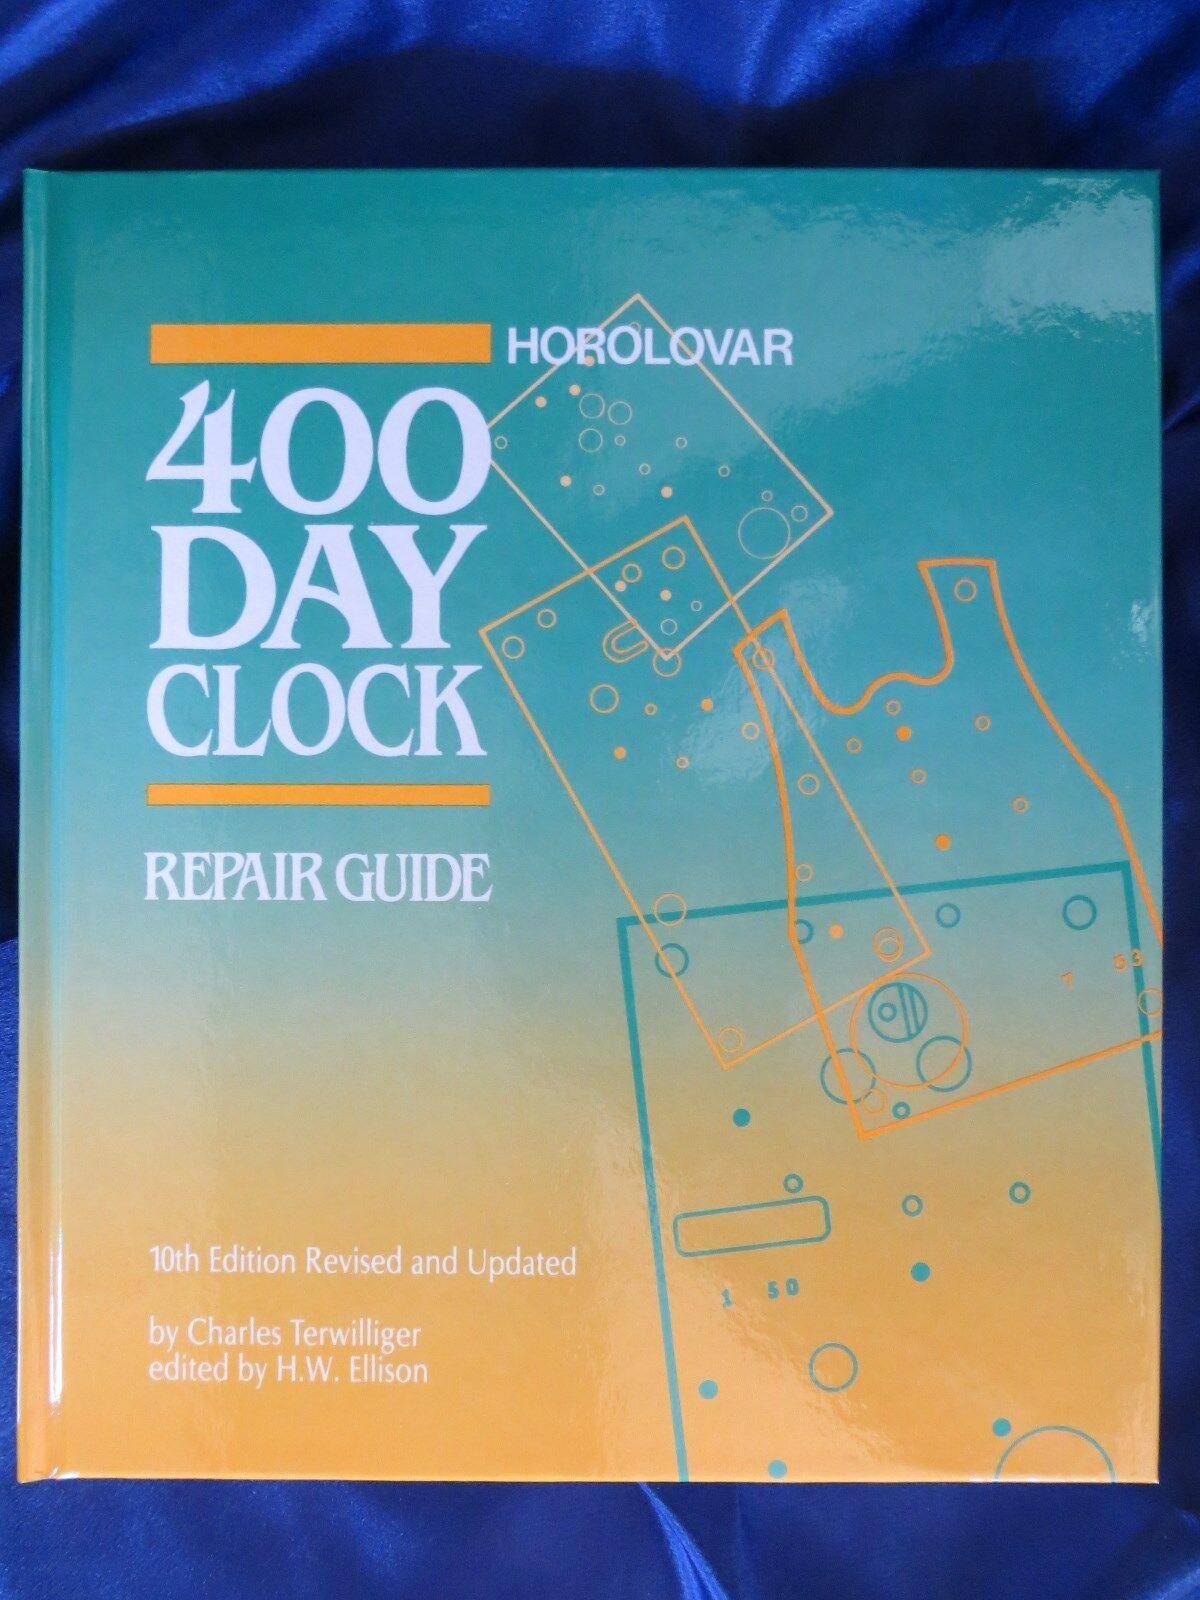 Horolovar 400 day clock repair guide   norkro clock company.